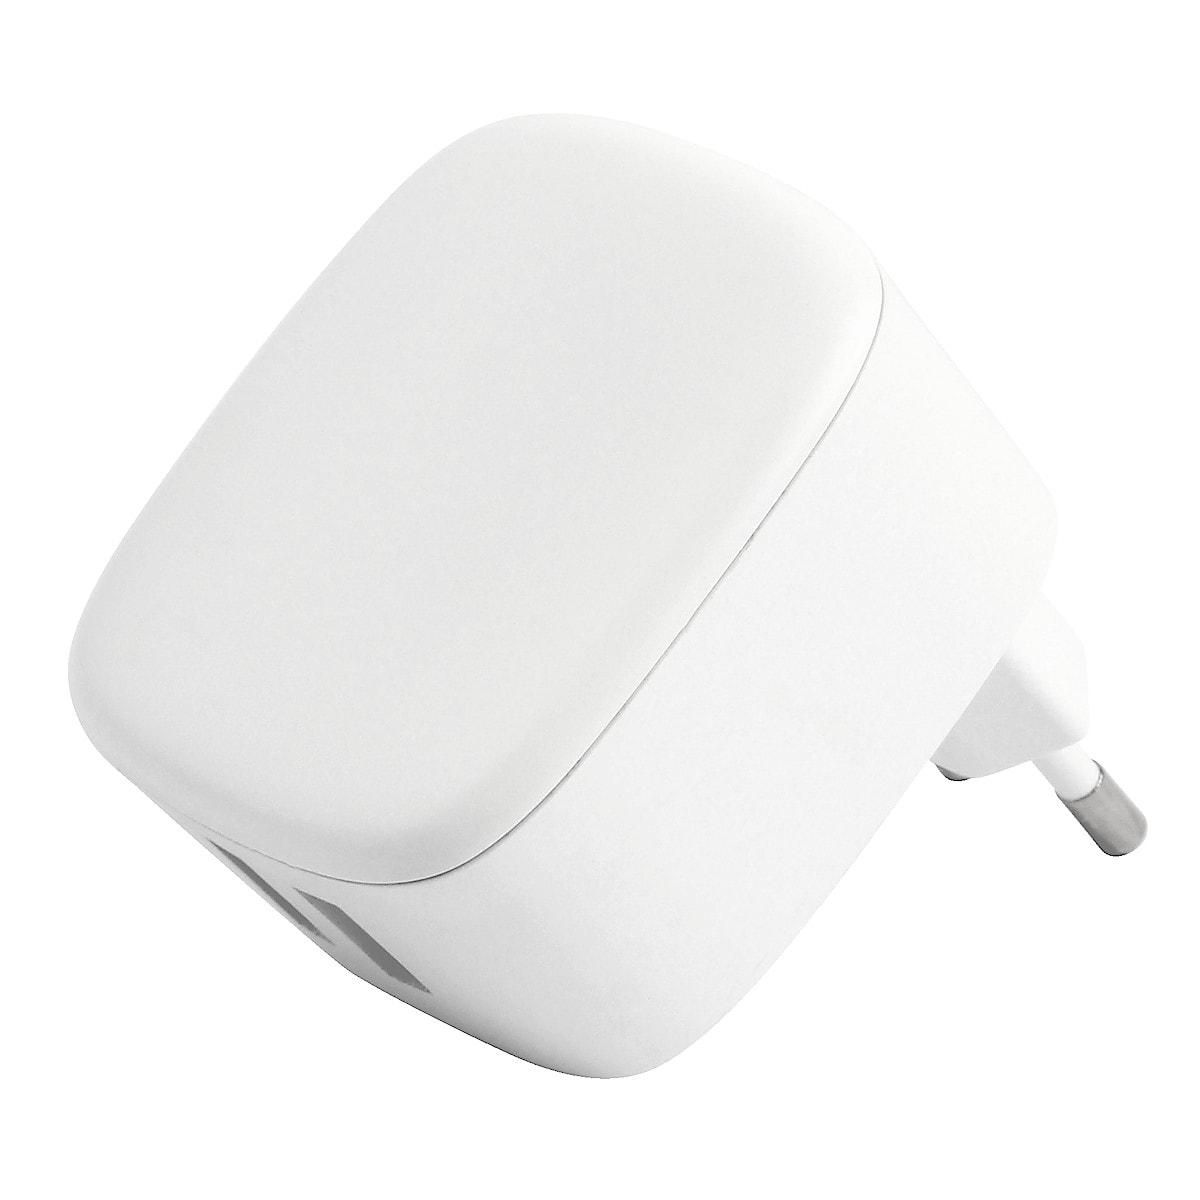 USB-laddare Clas Ohlson